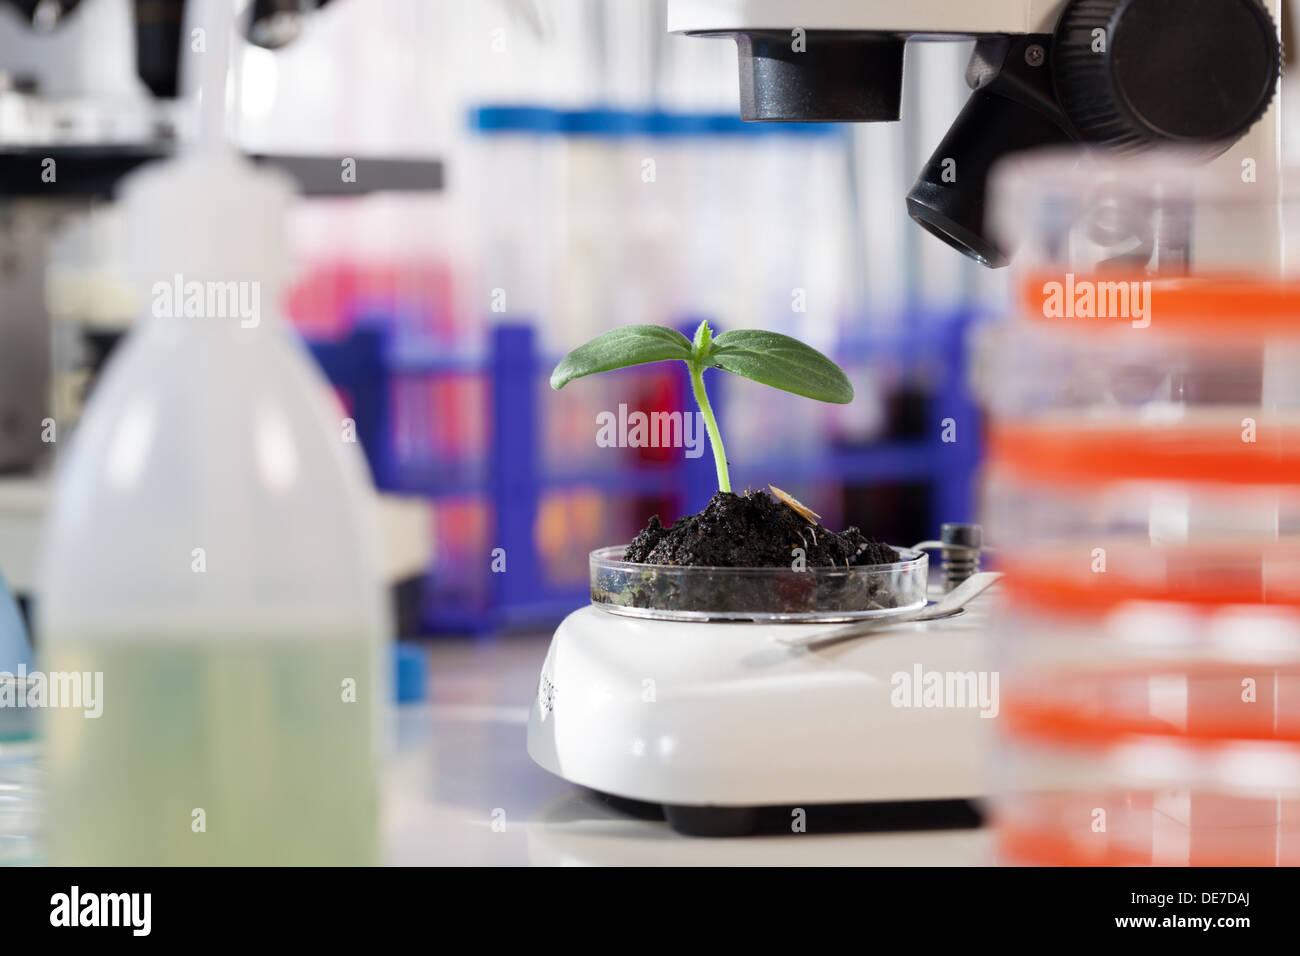 Grünpflanze im biologischen Labor Stockbild